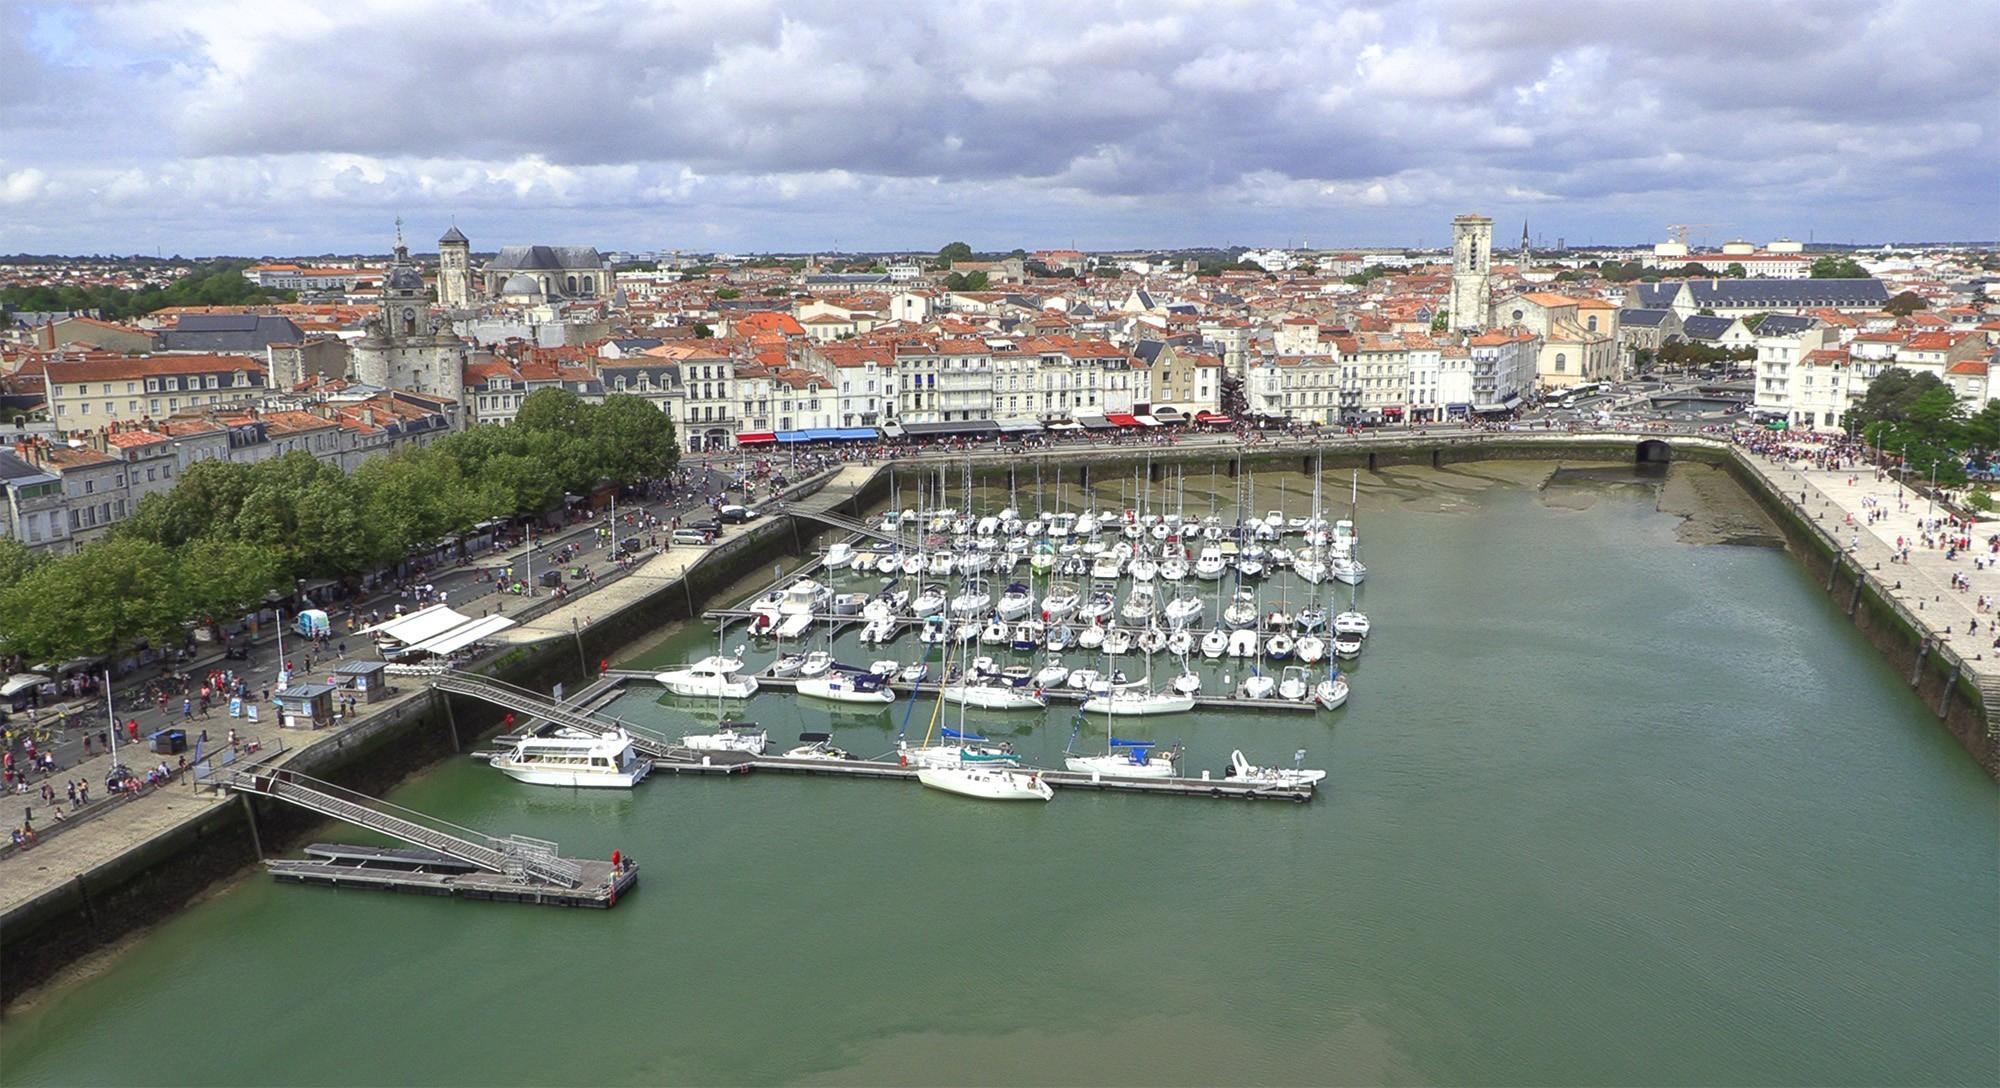 3 Nouvelles Bonnes Idées Pour Sortir Ce Weekend À La intérieur On Va Sortir La Rochelle